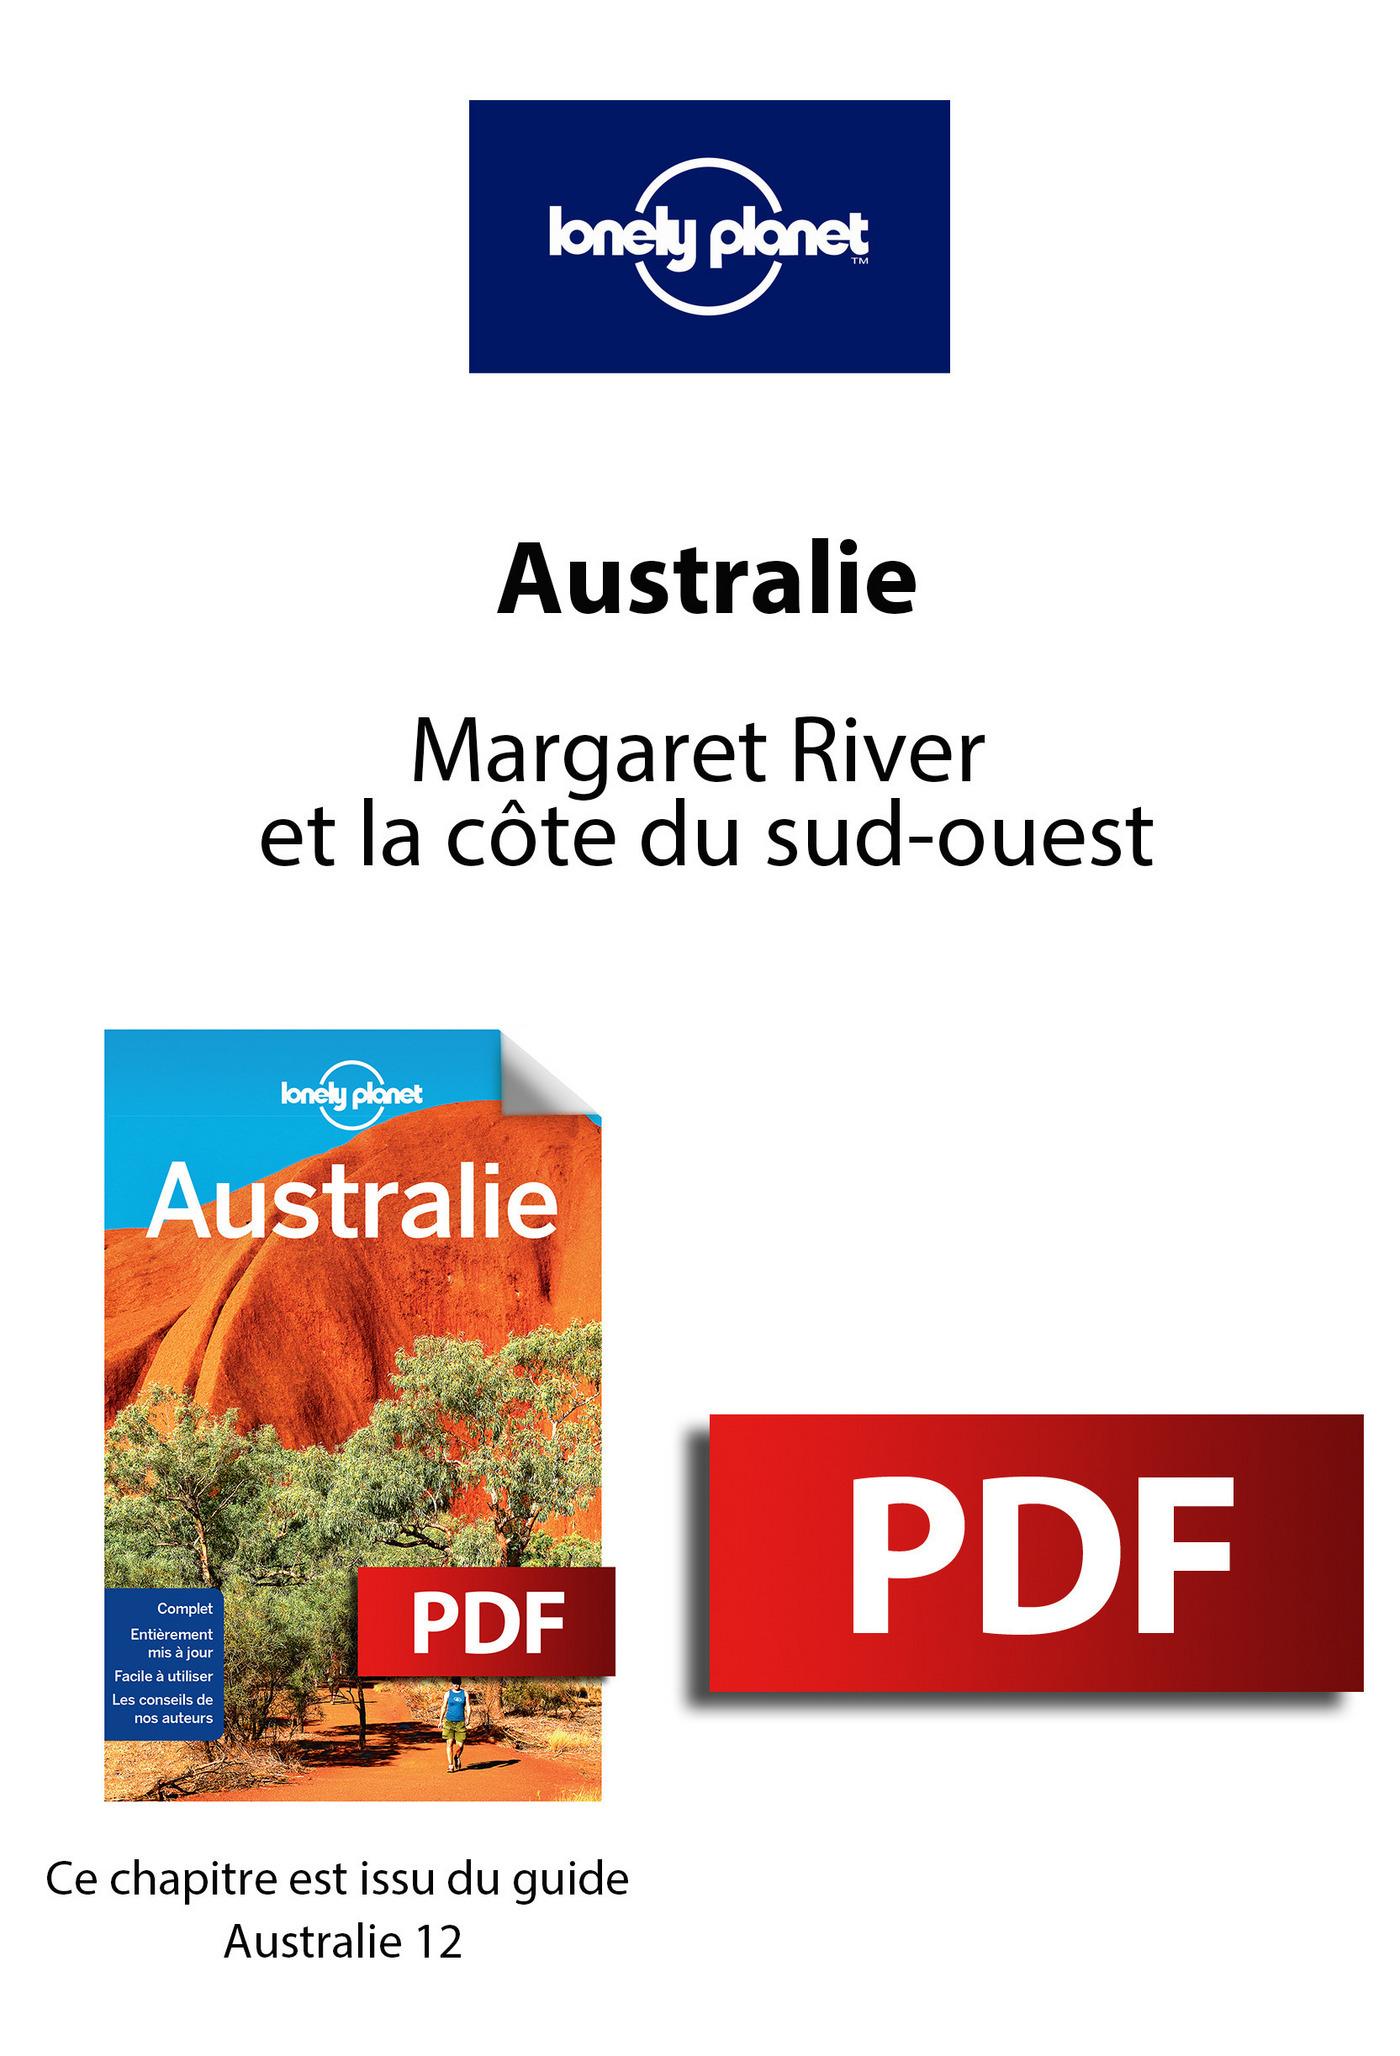 Australie - Margaret River et la côte du sud-ouest